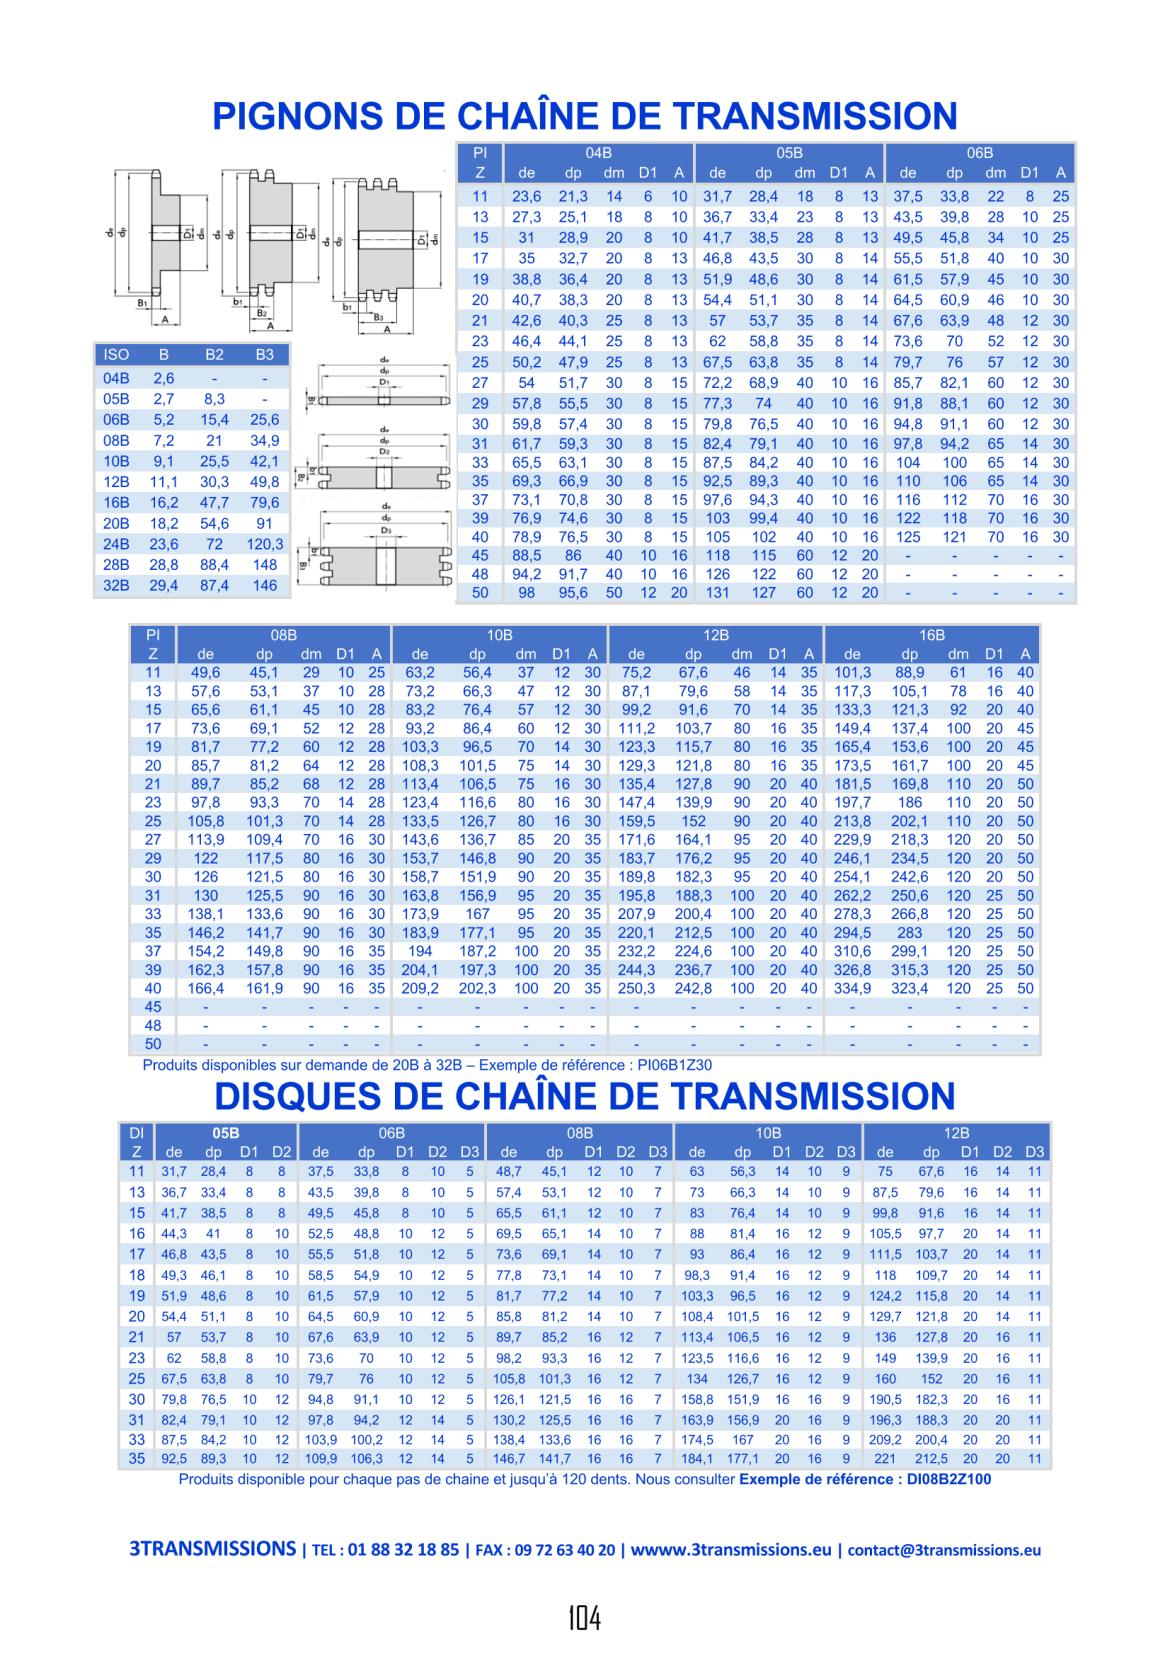 Page104 : Pignons à chaine de transmission